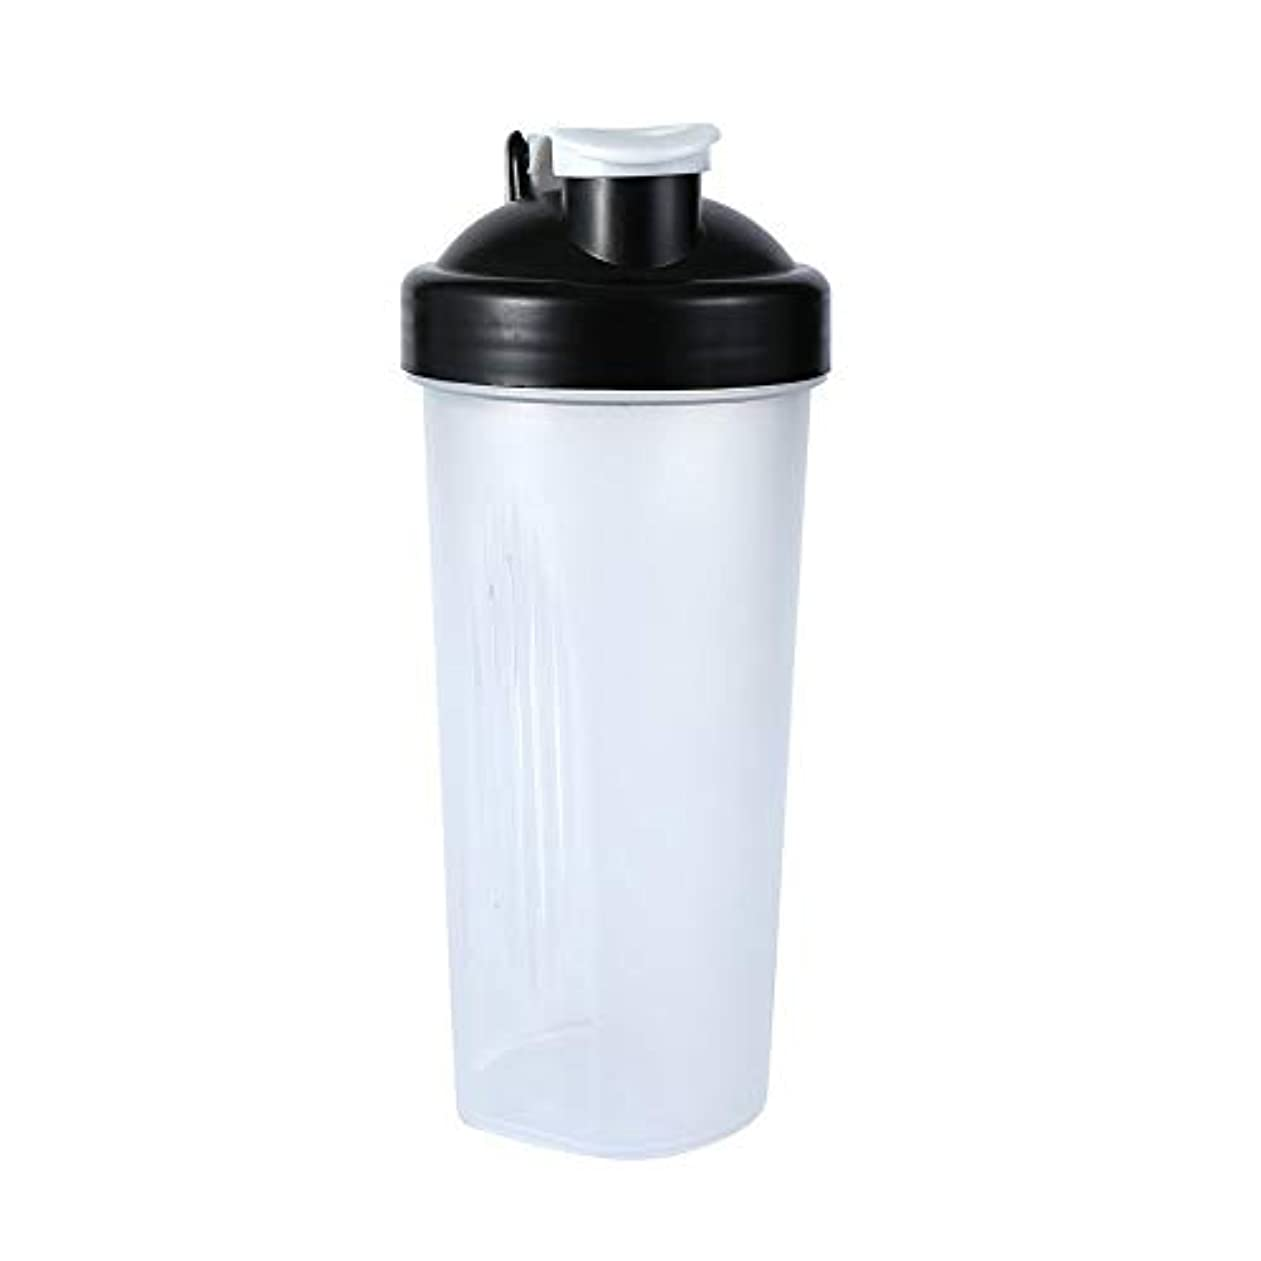 メールうなずく栄光のSimg Sports Pro プロテインシェイカー 600ml シェーカーボトル ホワイト (600ml)